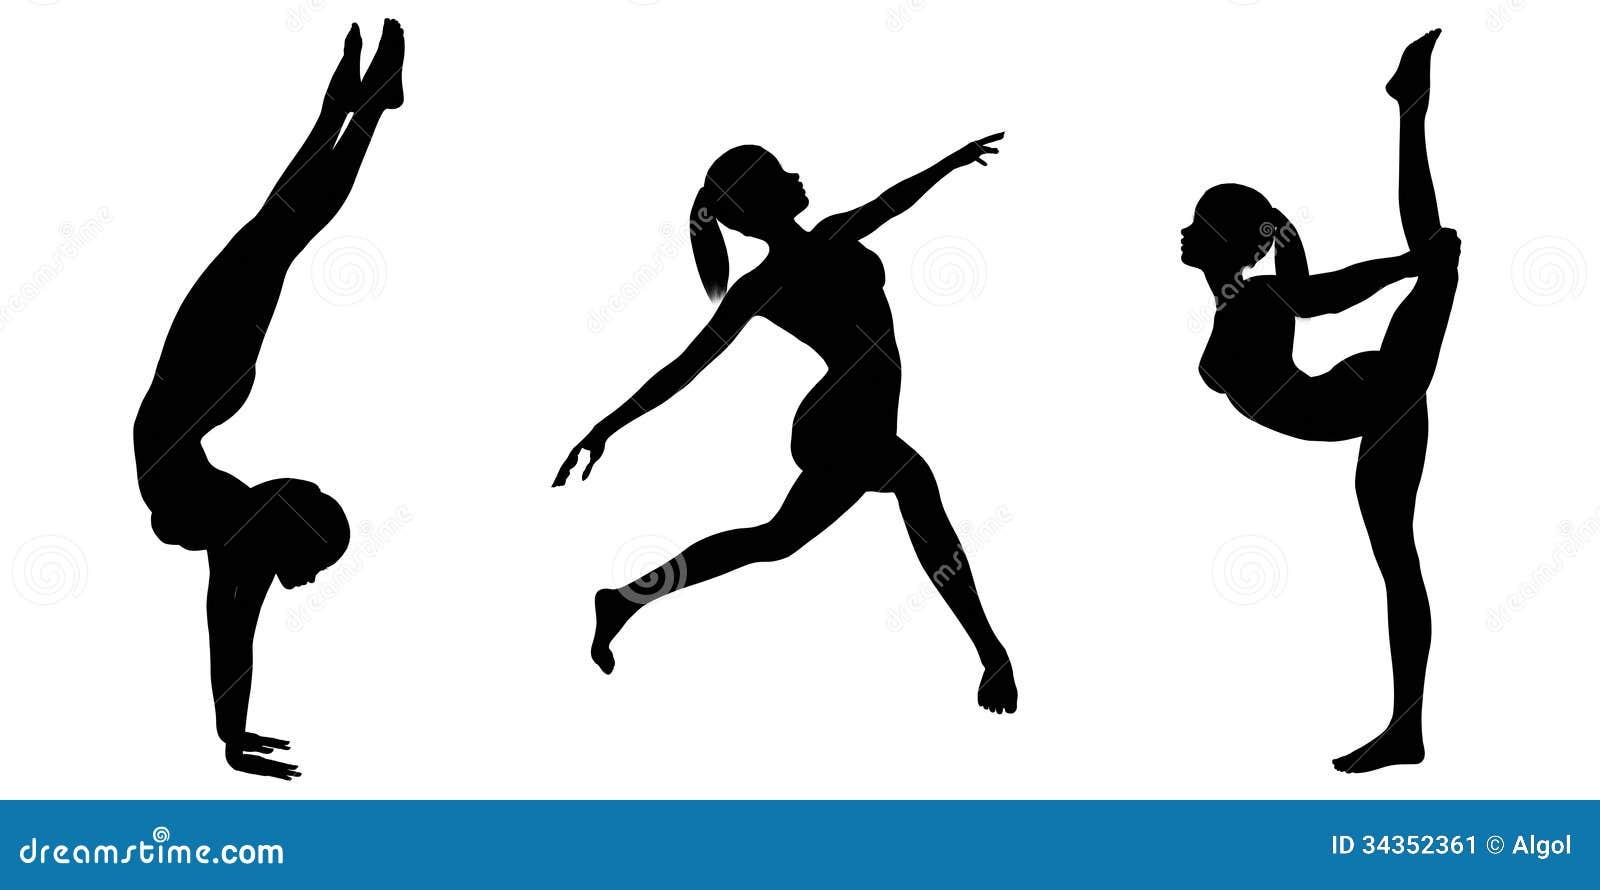 female gymnast silhouettes 2